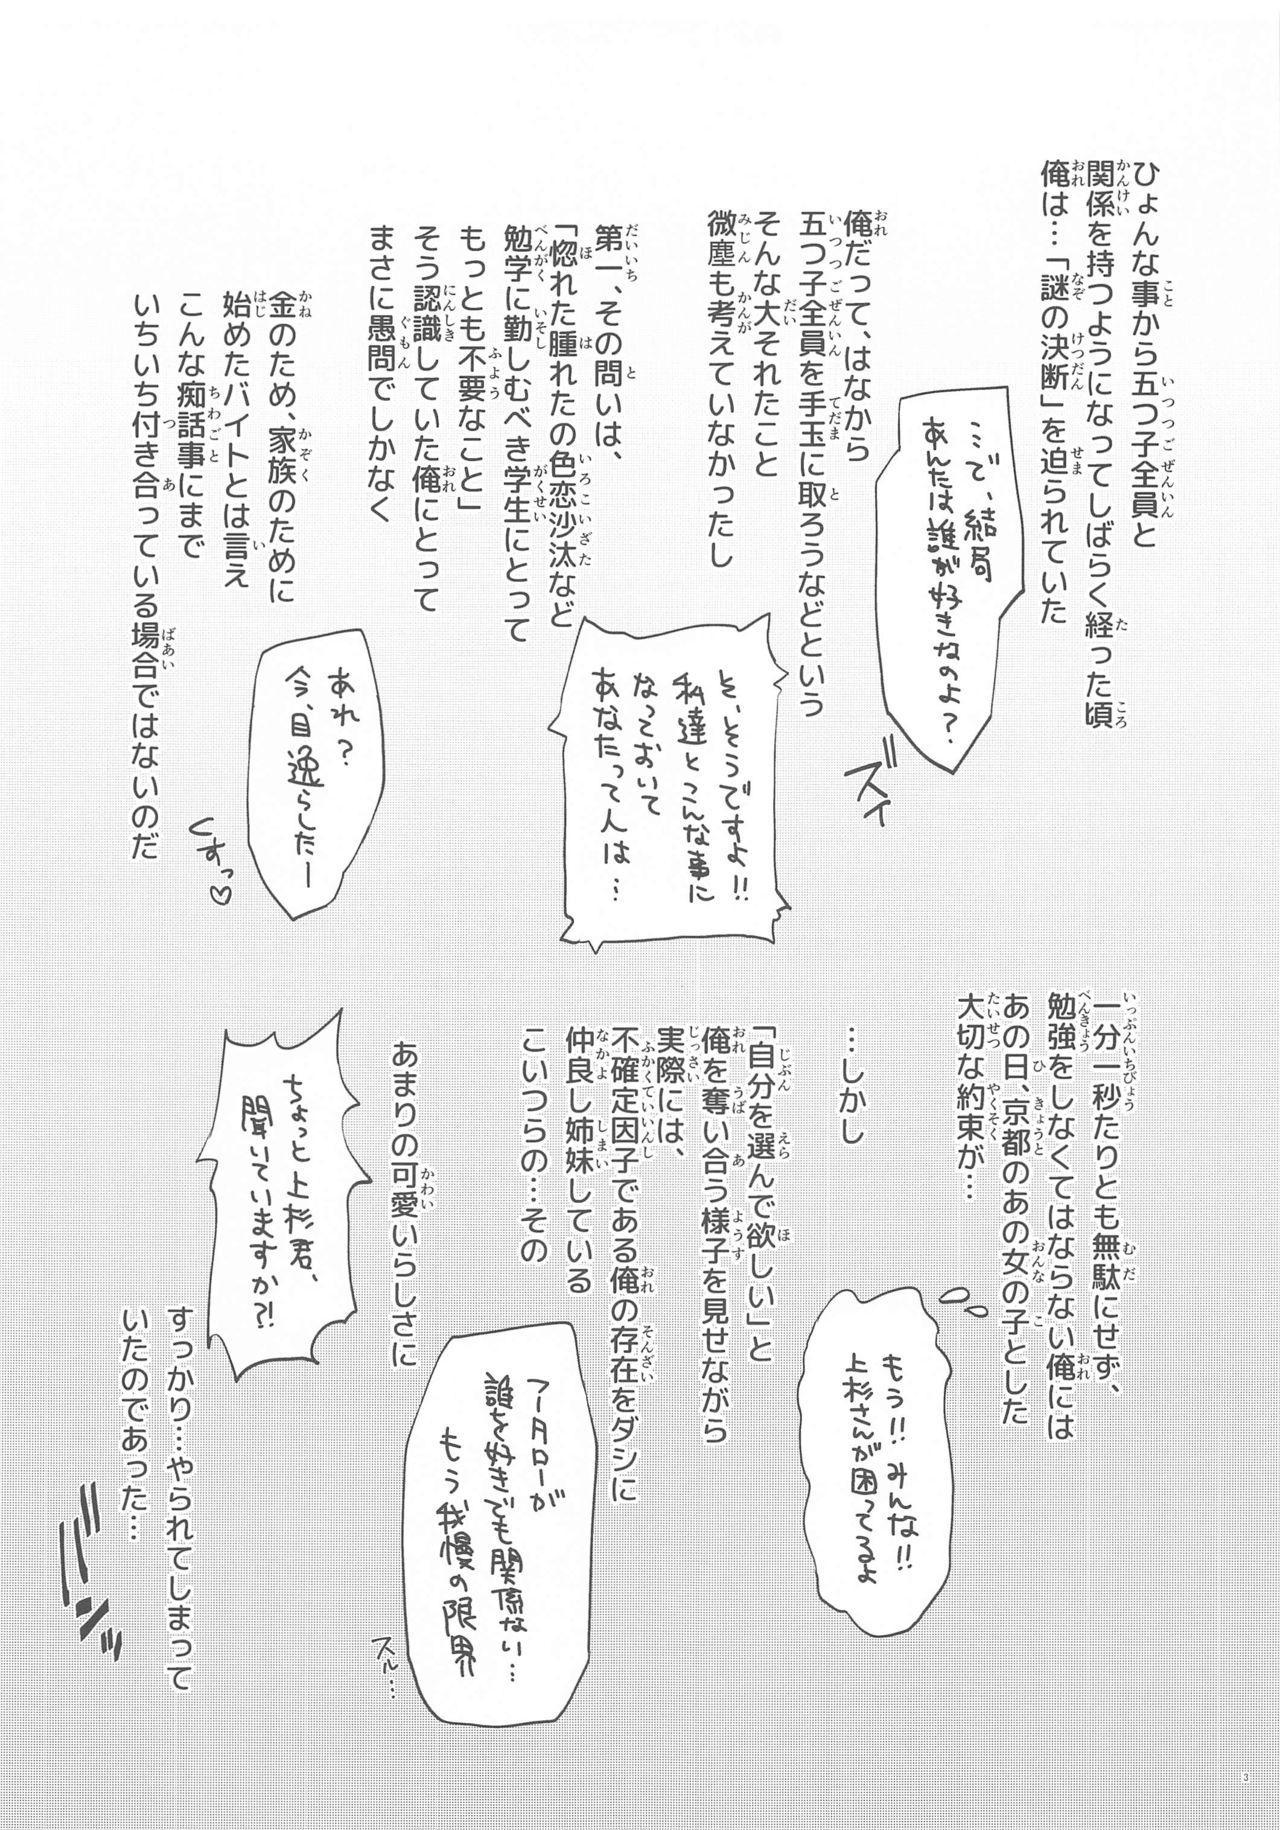 [Samurai Ninja GREENTEA] Gobun no Go -final- -Nakano-ke Itsutsugo Harem END- (Gotoubun no Hanayome) 1